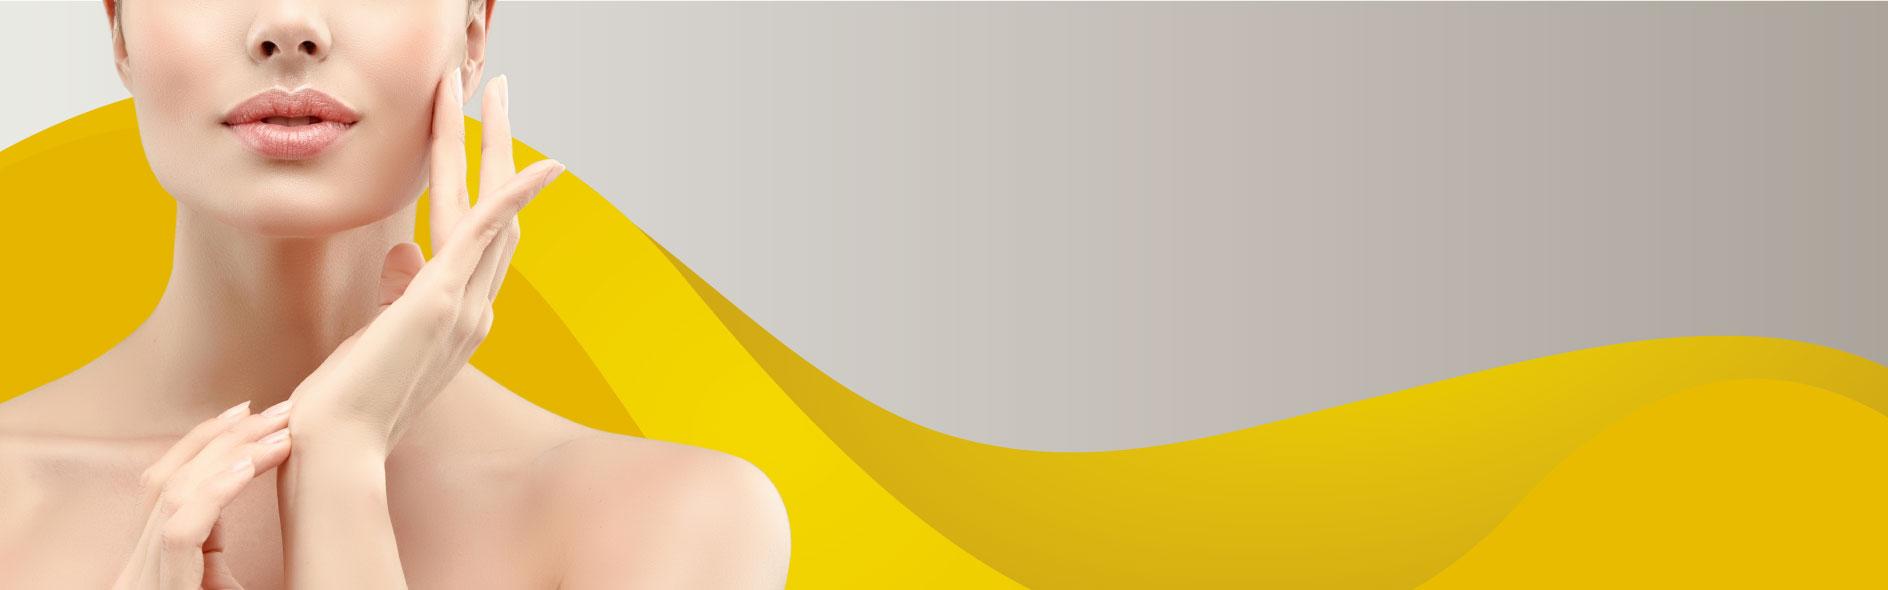 banner cirurgia plastica excelencia e cuidado